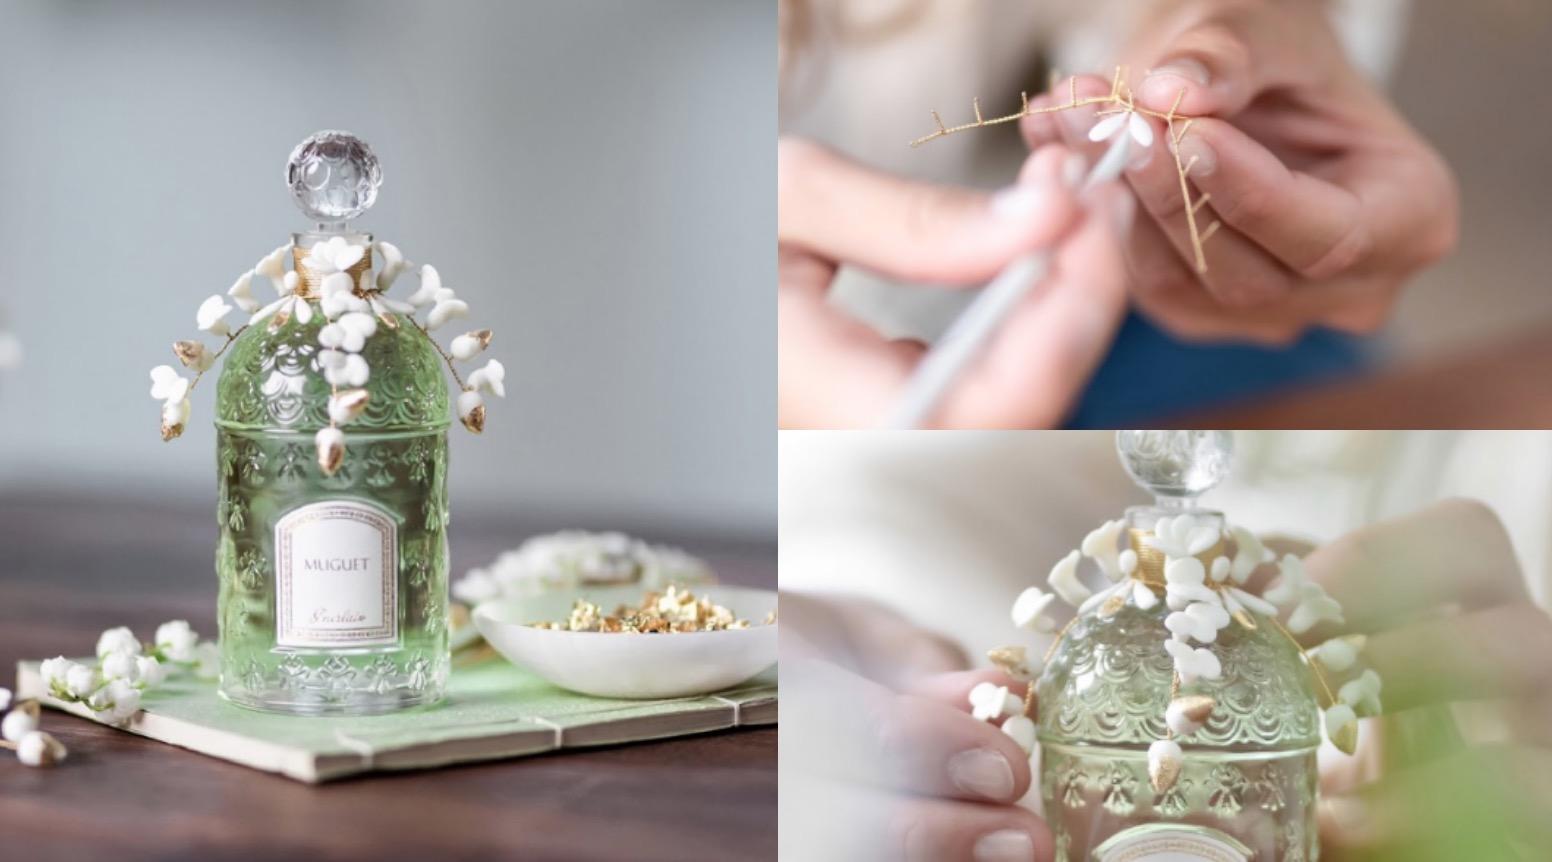 由藝術家手工定製白瓷花瓣鑲嵌鍍金鑲飾綠葉宛若鈴蘭落花於風中翩翩飛舞